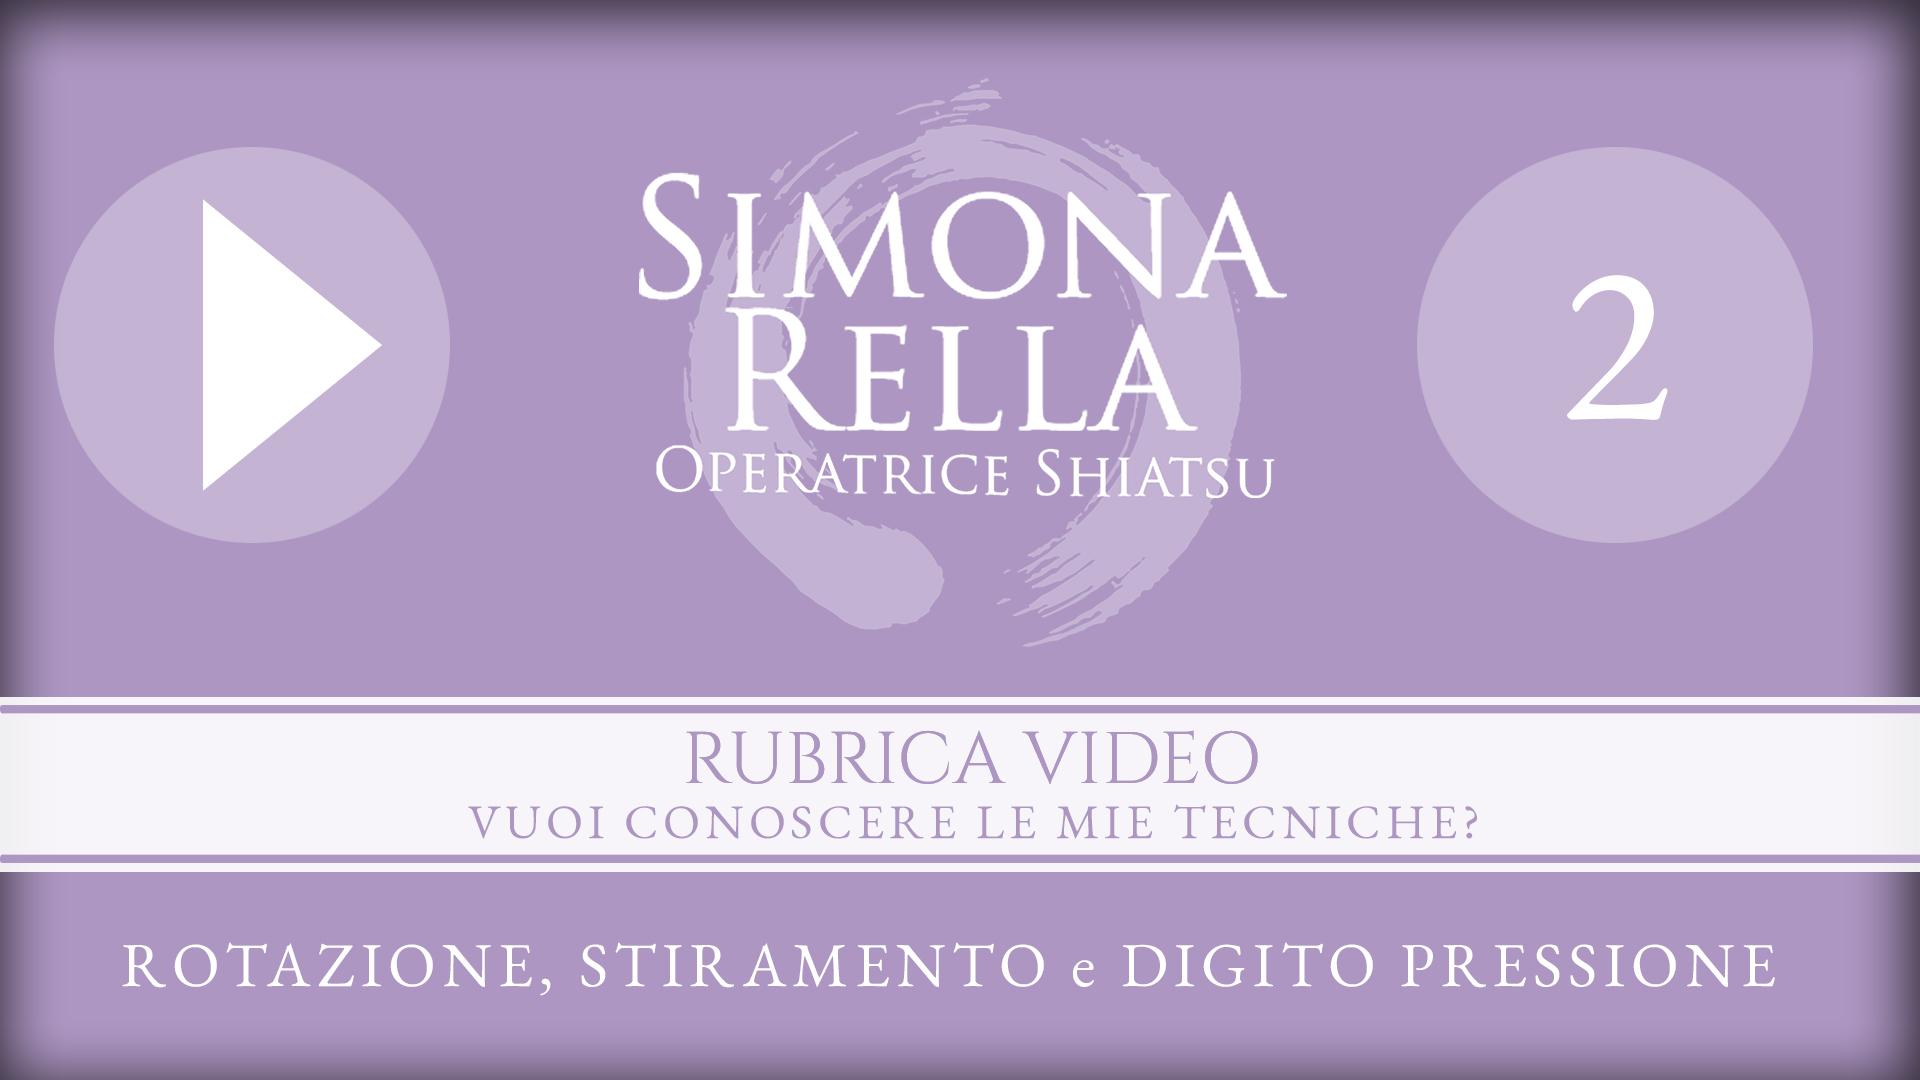 post--13__RUBRICA-VIDEO-2__ROTAZIONE,-STIRAMENTO-e-DIGITO-PRESSIONE__